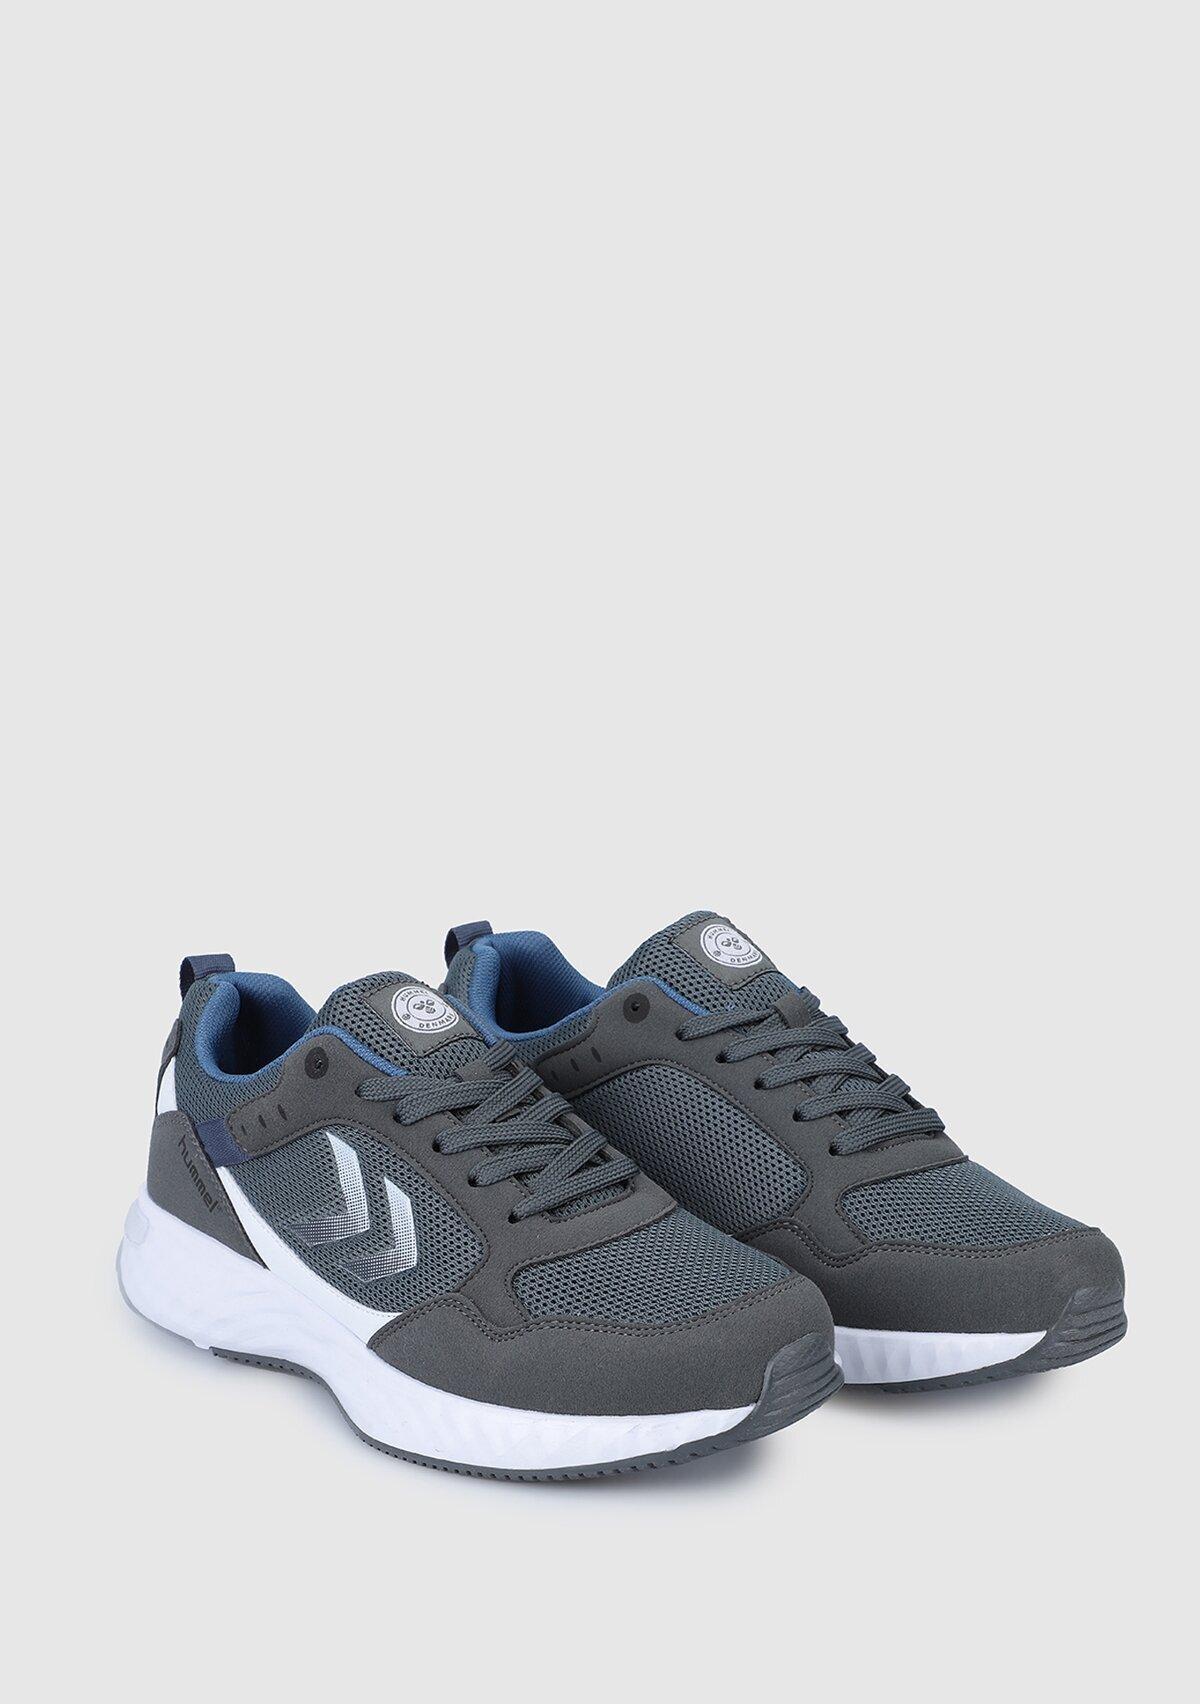 resm HML Neo Gri Erkek Sneaker 212620-2004